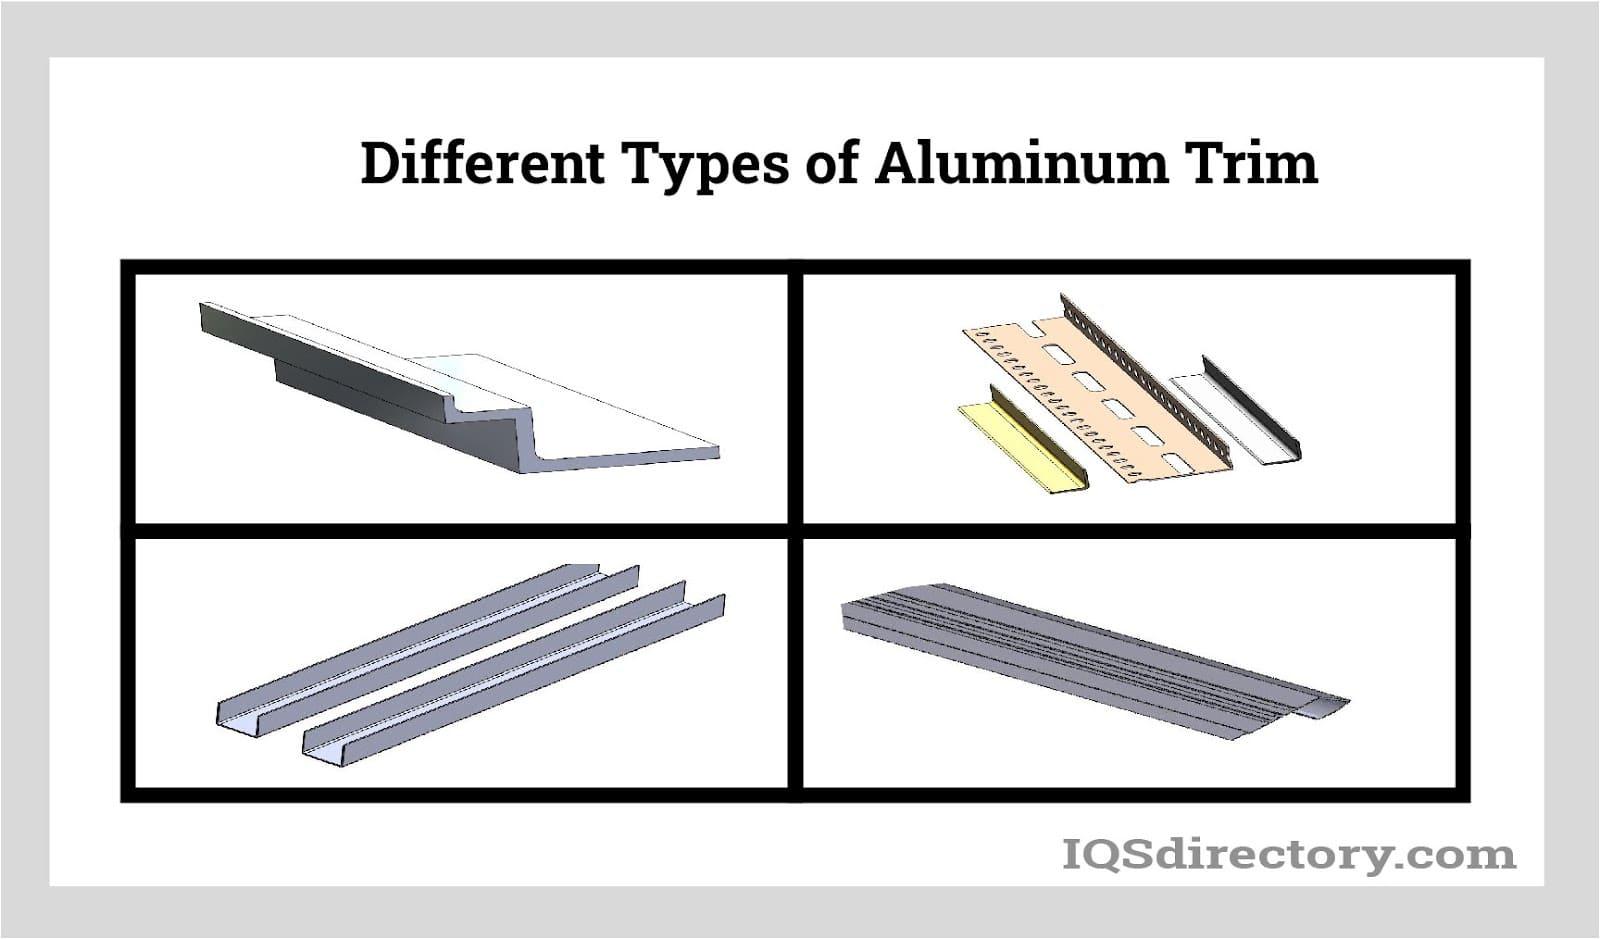 Different Types of Aluminum Trim